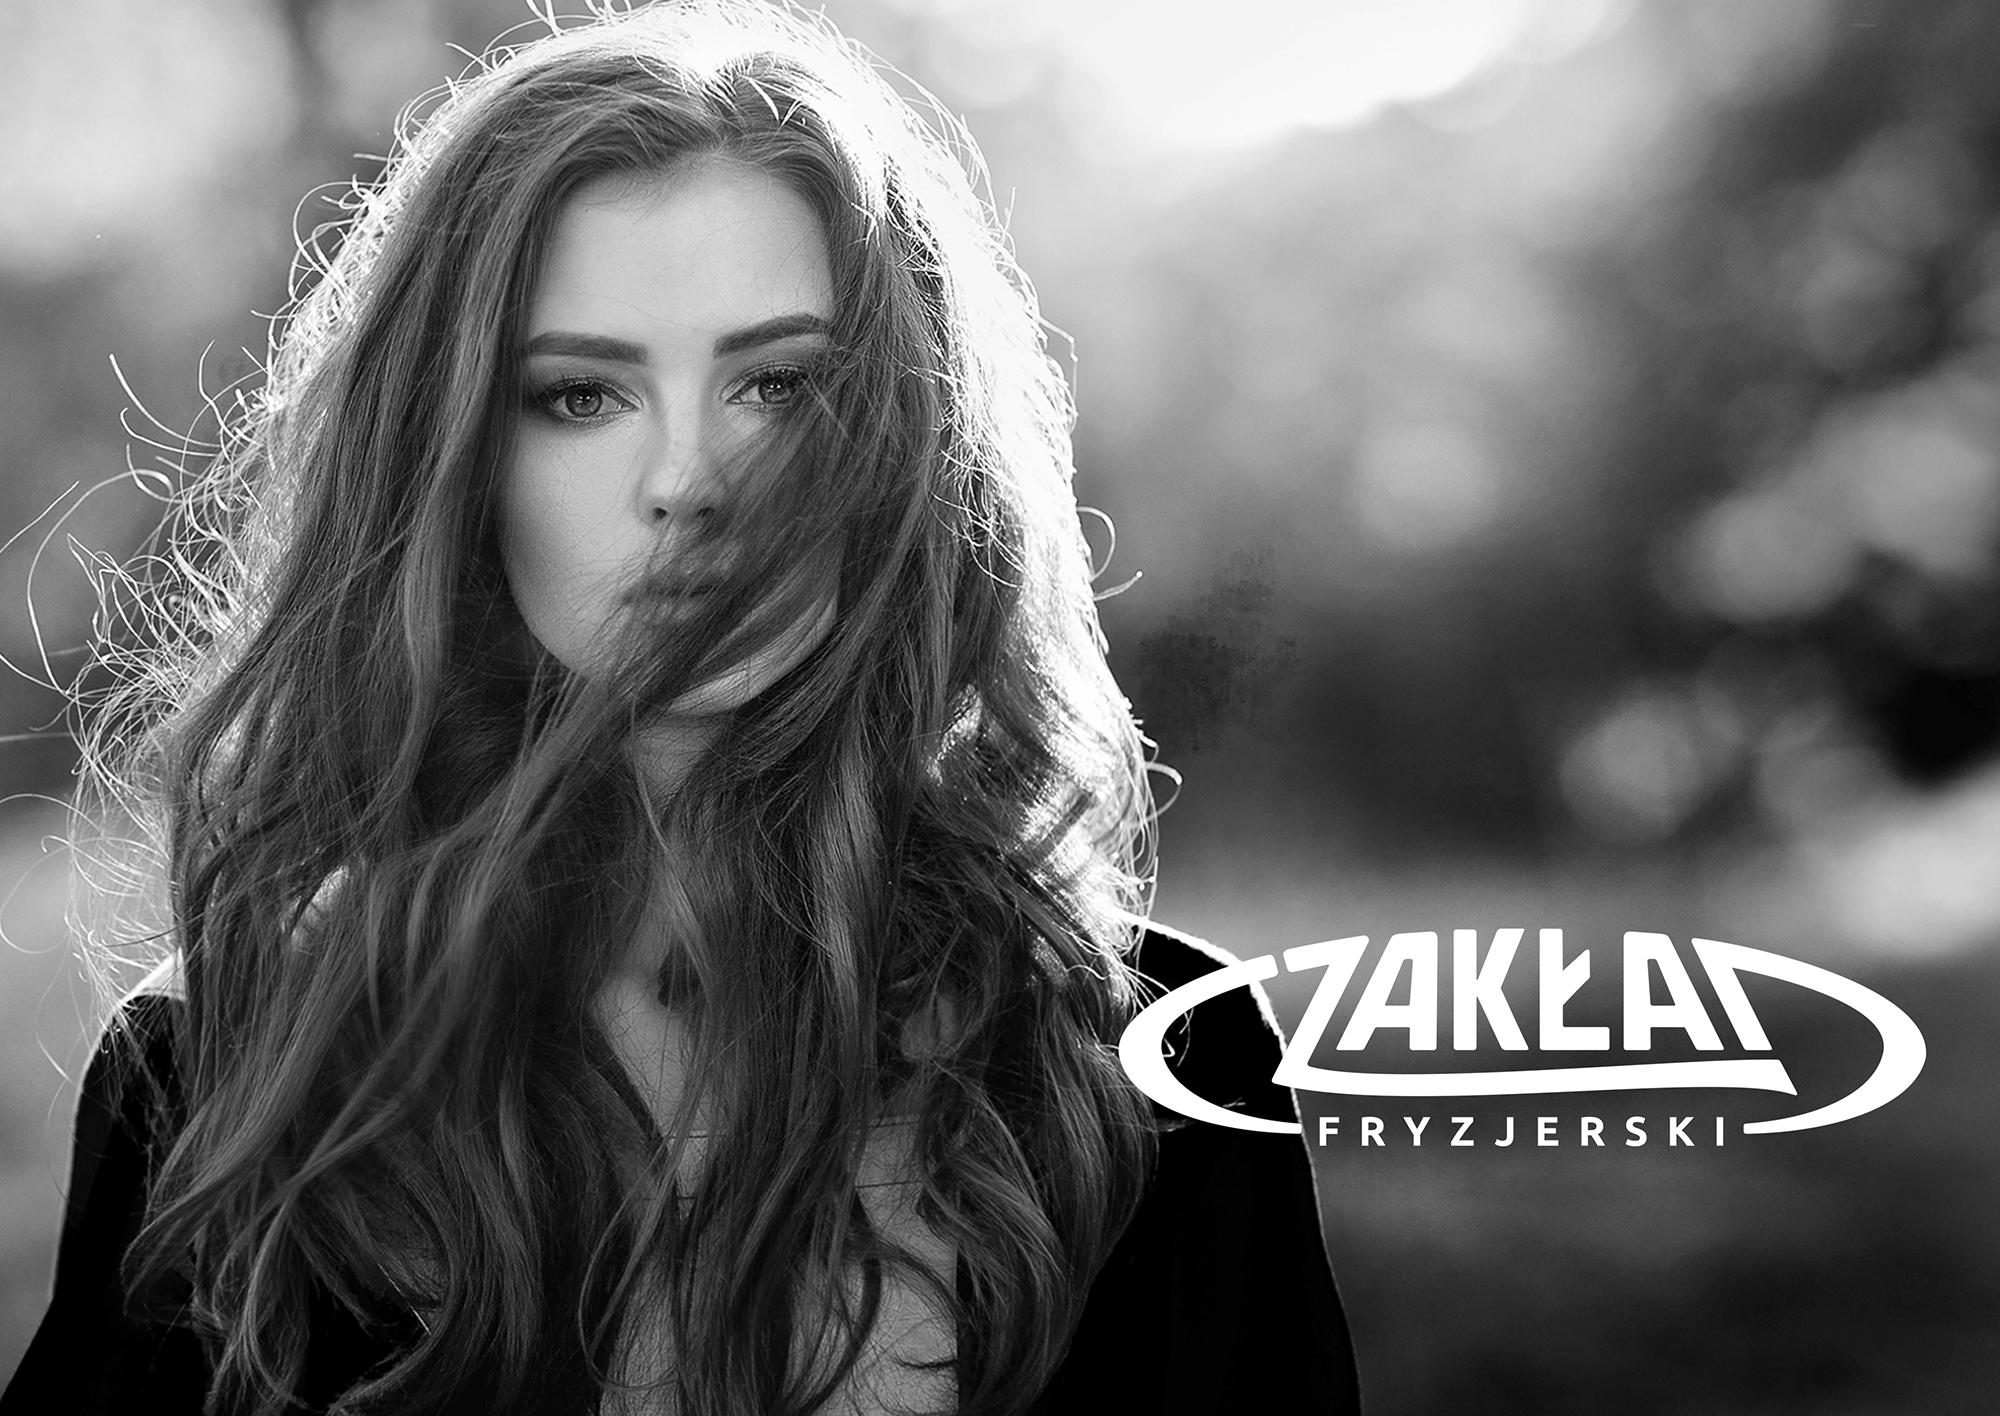 Zakład fryzjerski - Agata Młynarska i Michał Wawrzeniec 4